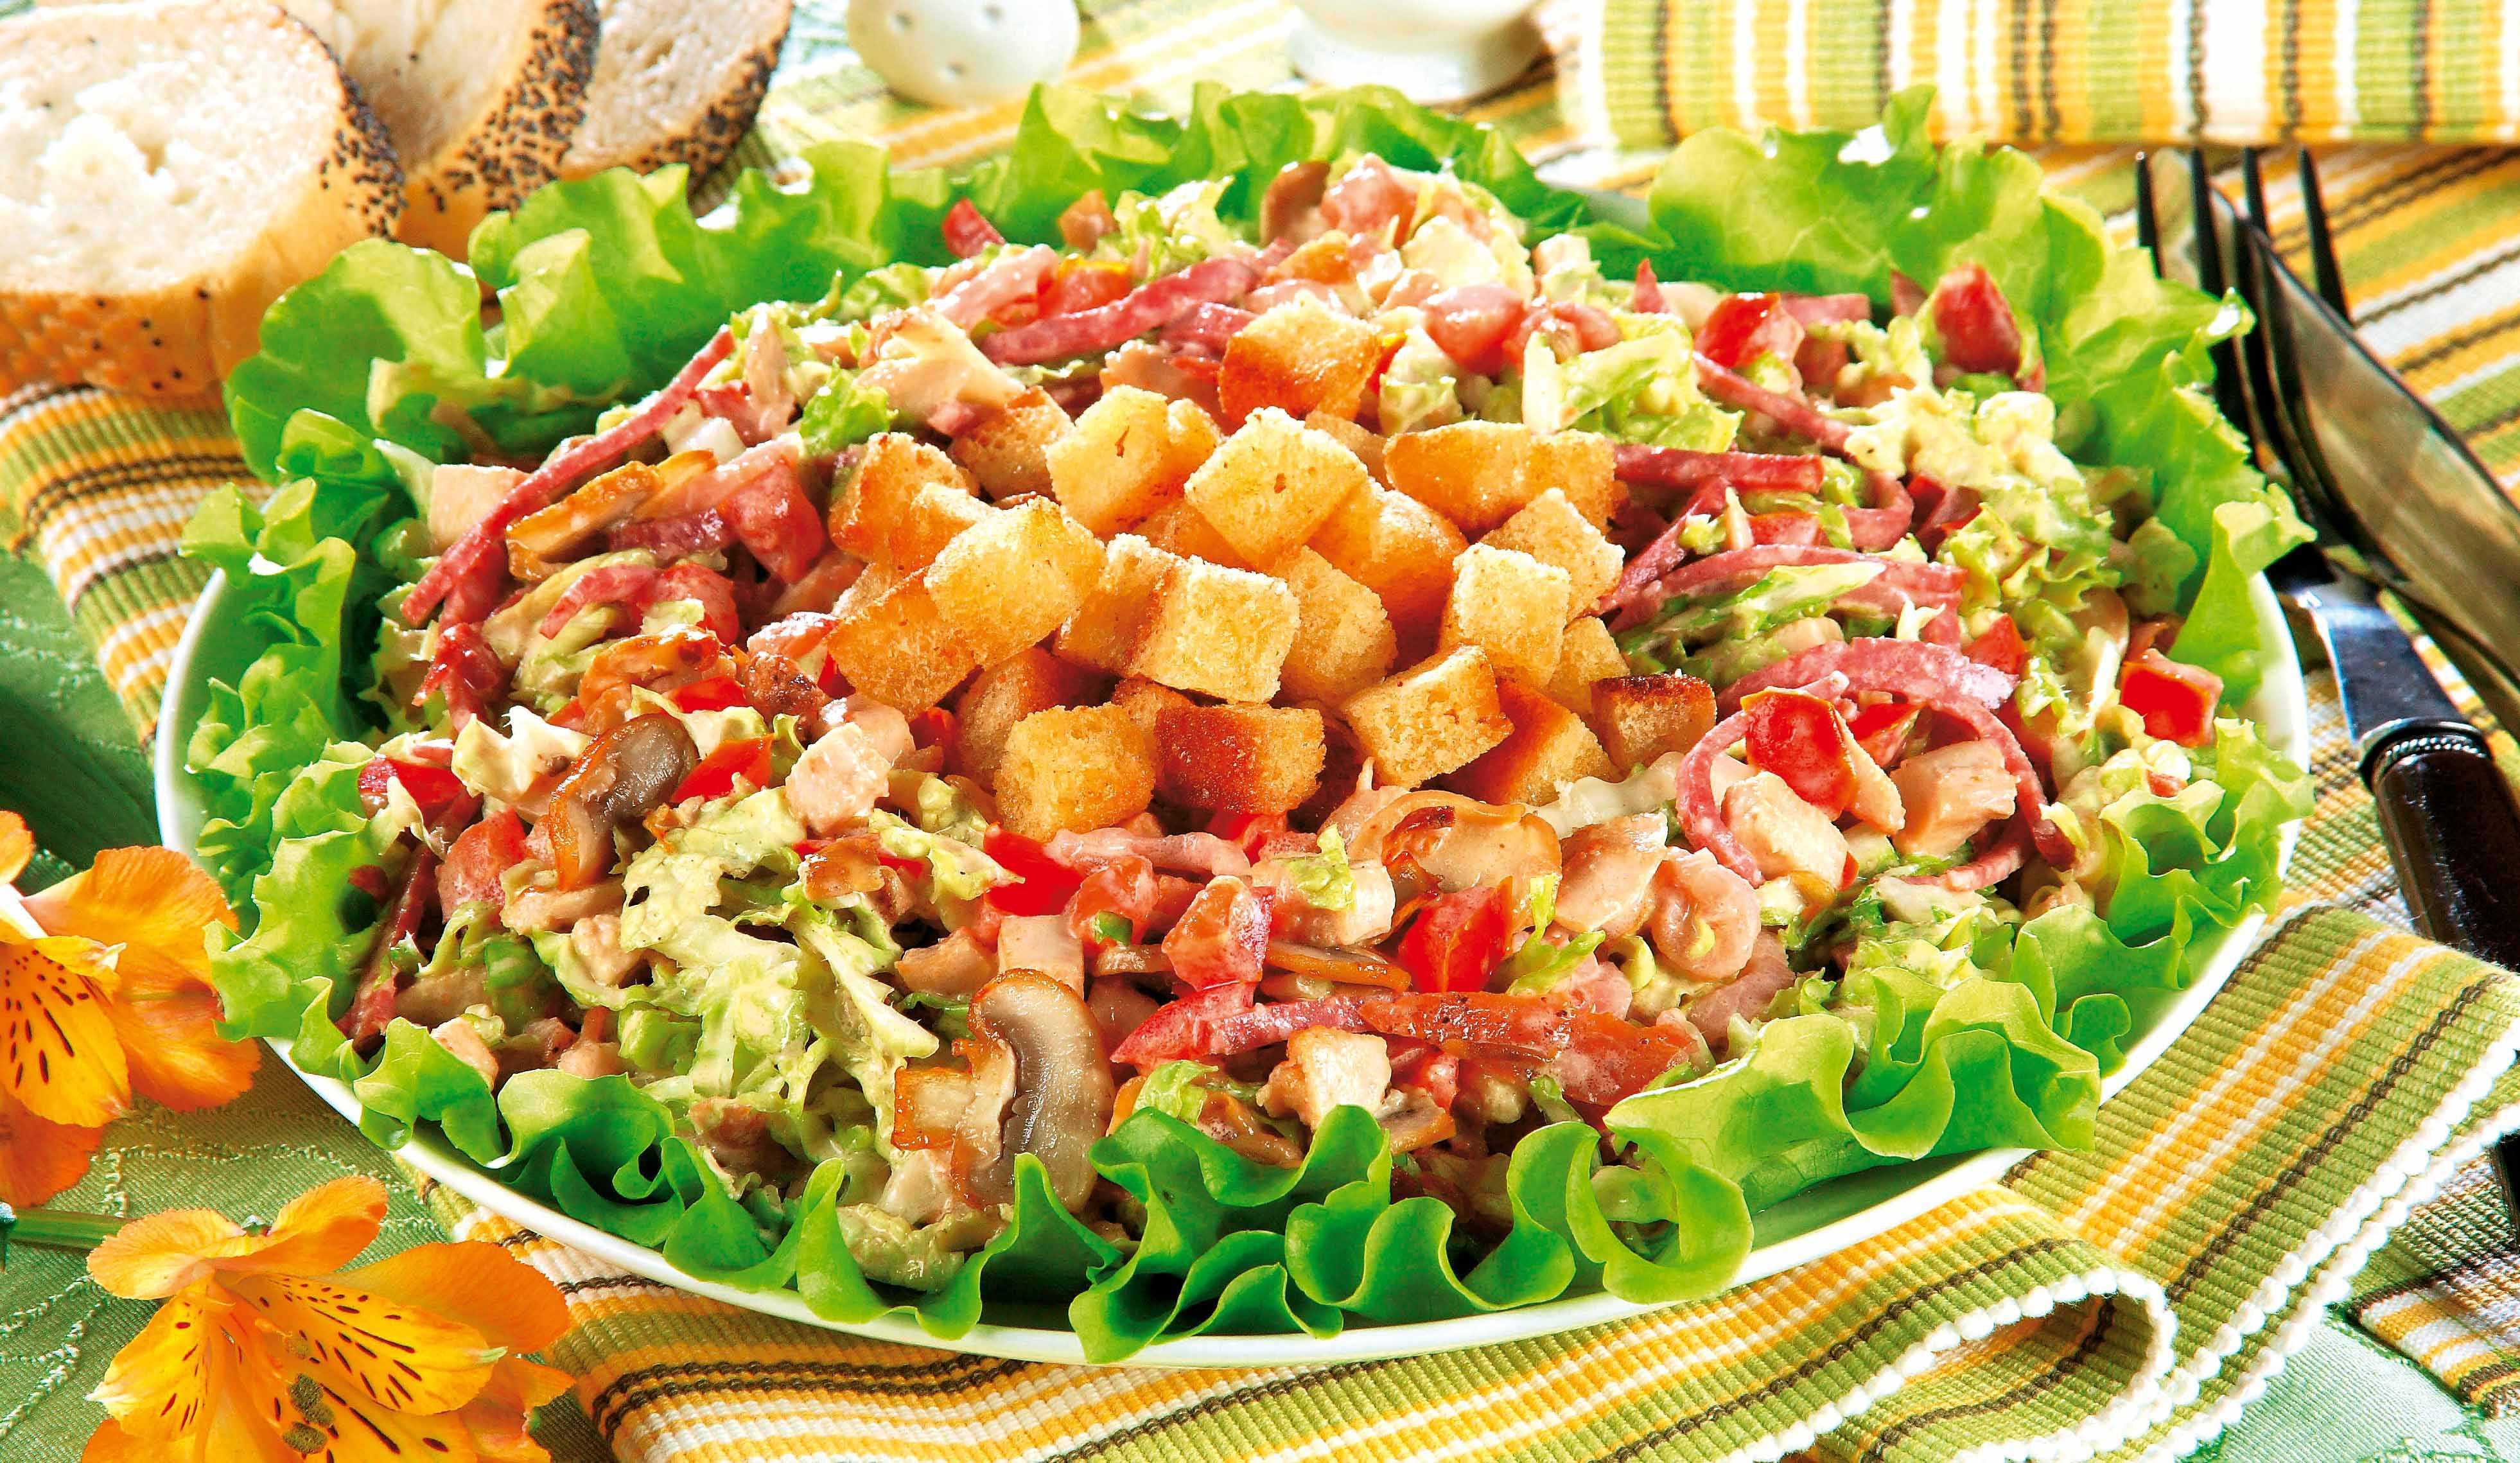 Салат с сухариками и копченой колбасой рецепт с фото пошагово - 1000.menu